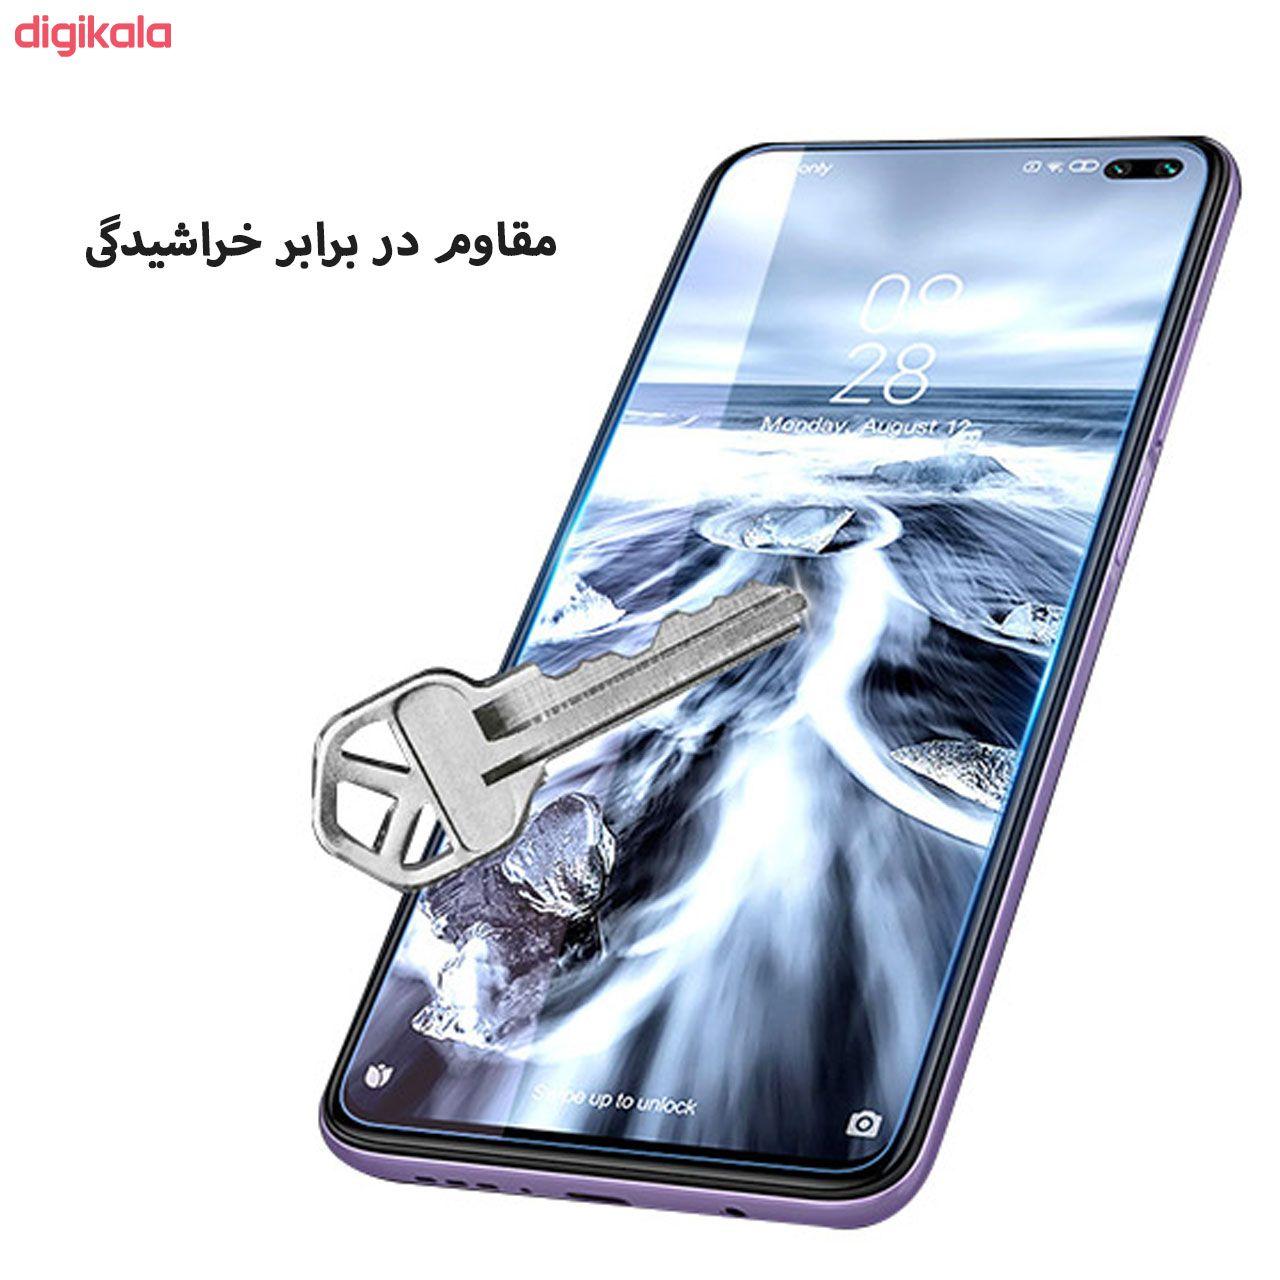 محافظ صفحه نمایش تراستکتور مدل GSS مناسب برای گوشی موبایل شیائومی Redmi K30 بسته 3 عددی main 1 3